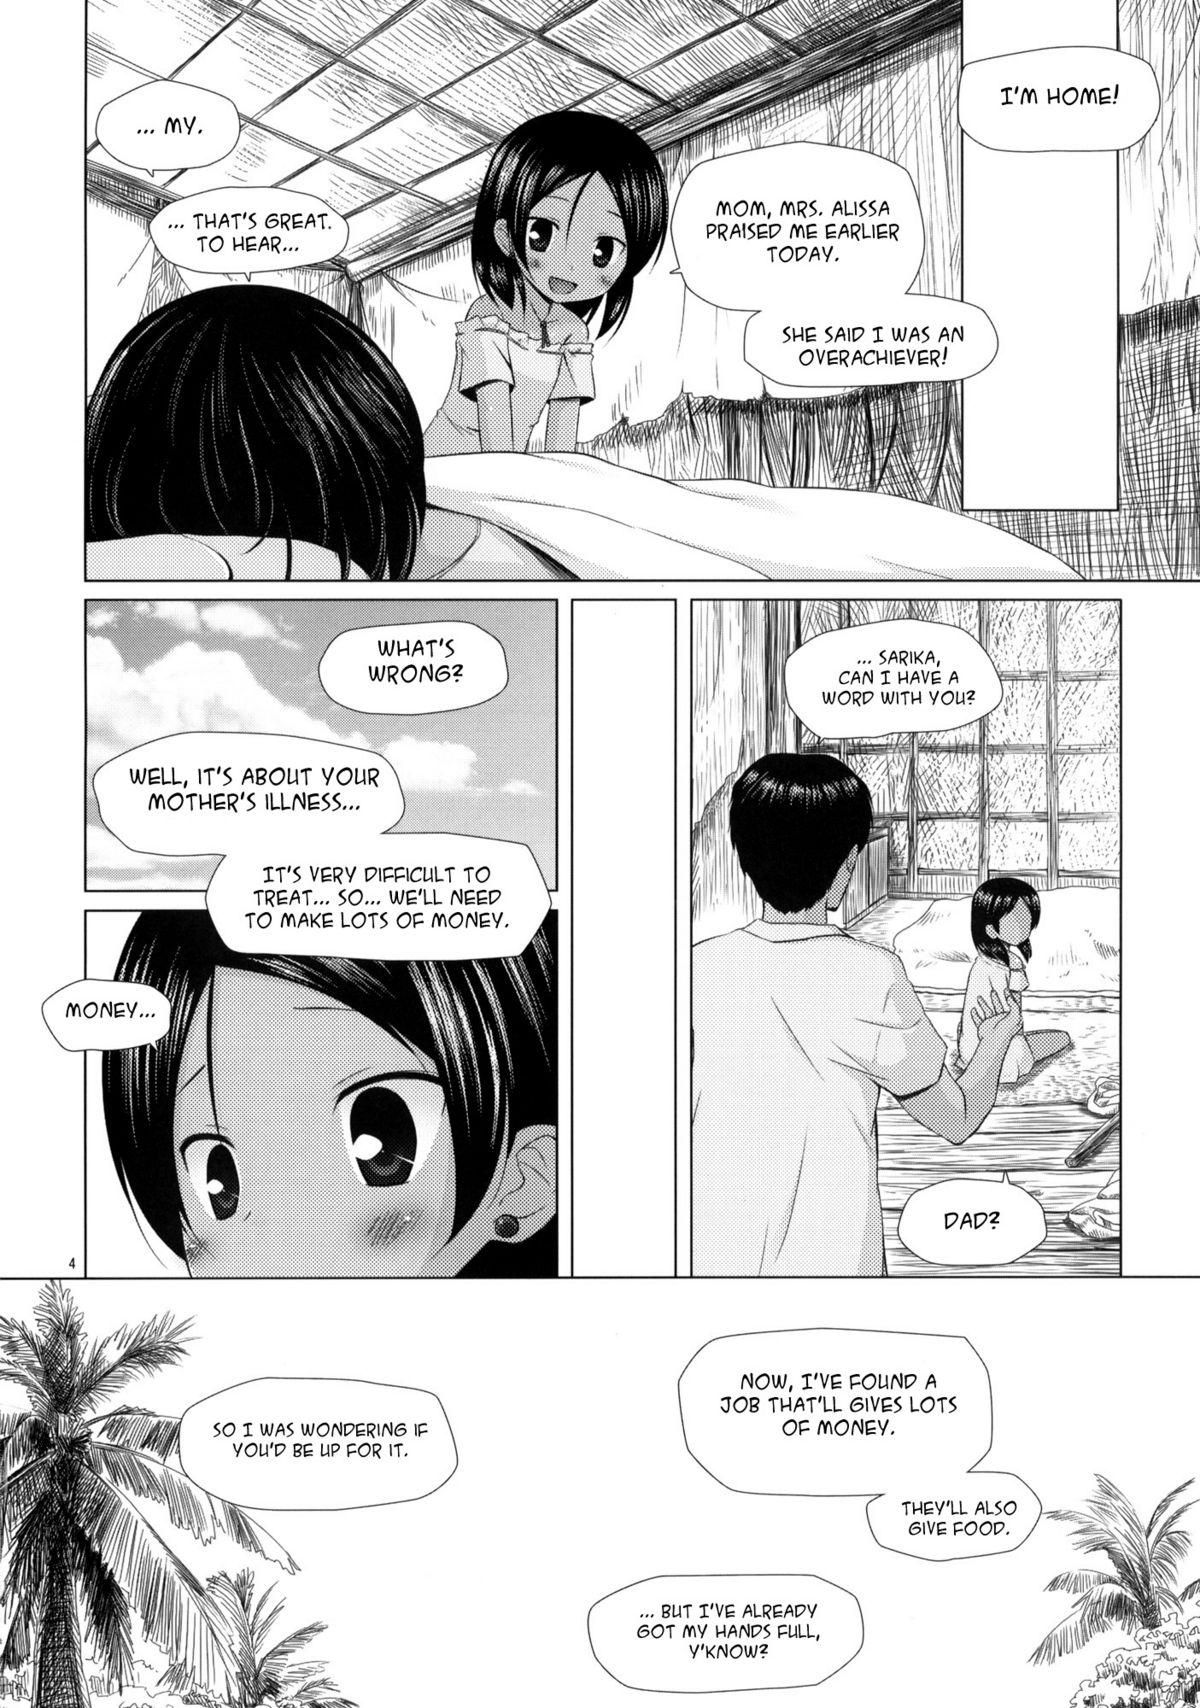 Kago no Naka no Kotori wa Itsu Deyaru | When Will The Caged Bird Be Released 2